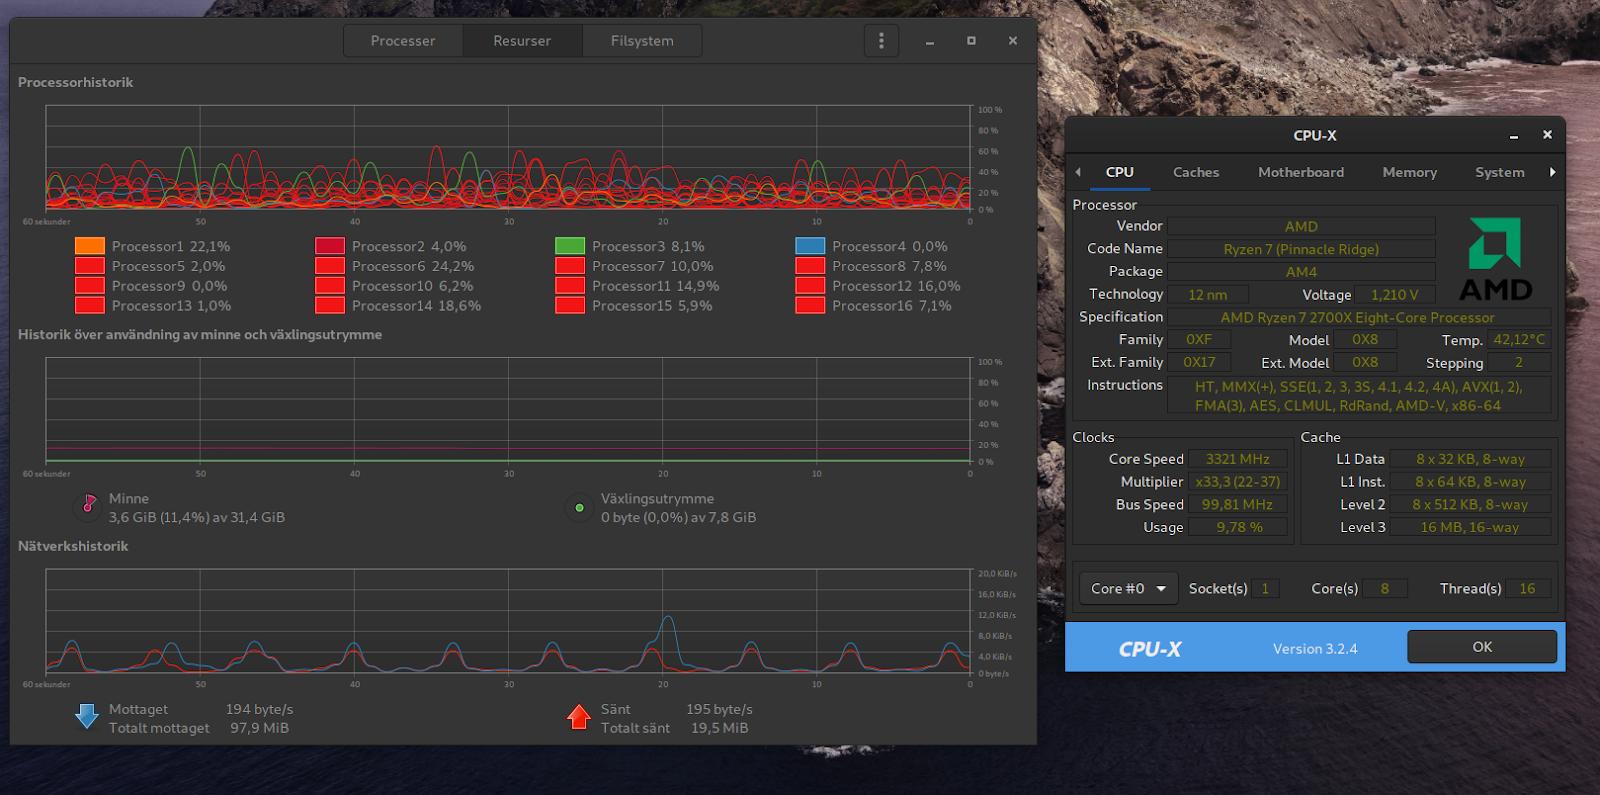 3700X rullar, 2700X fick nytt chassie för Linux tjänst - AMD